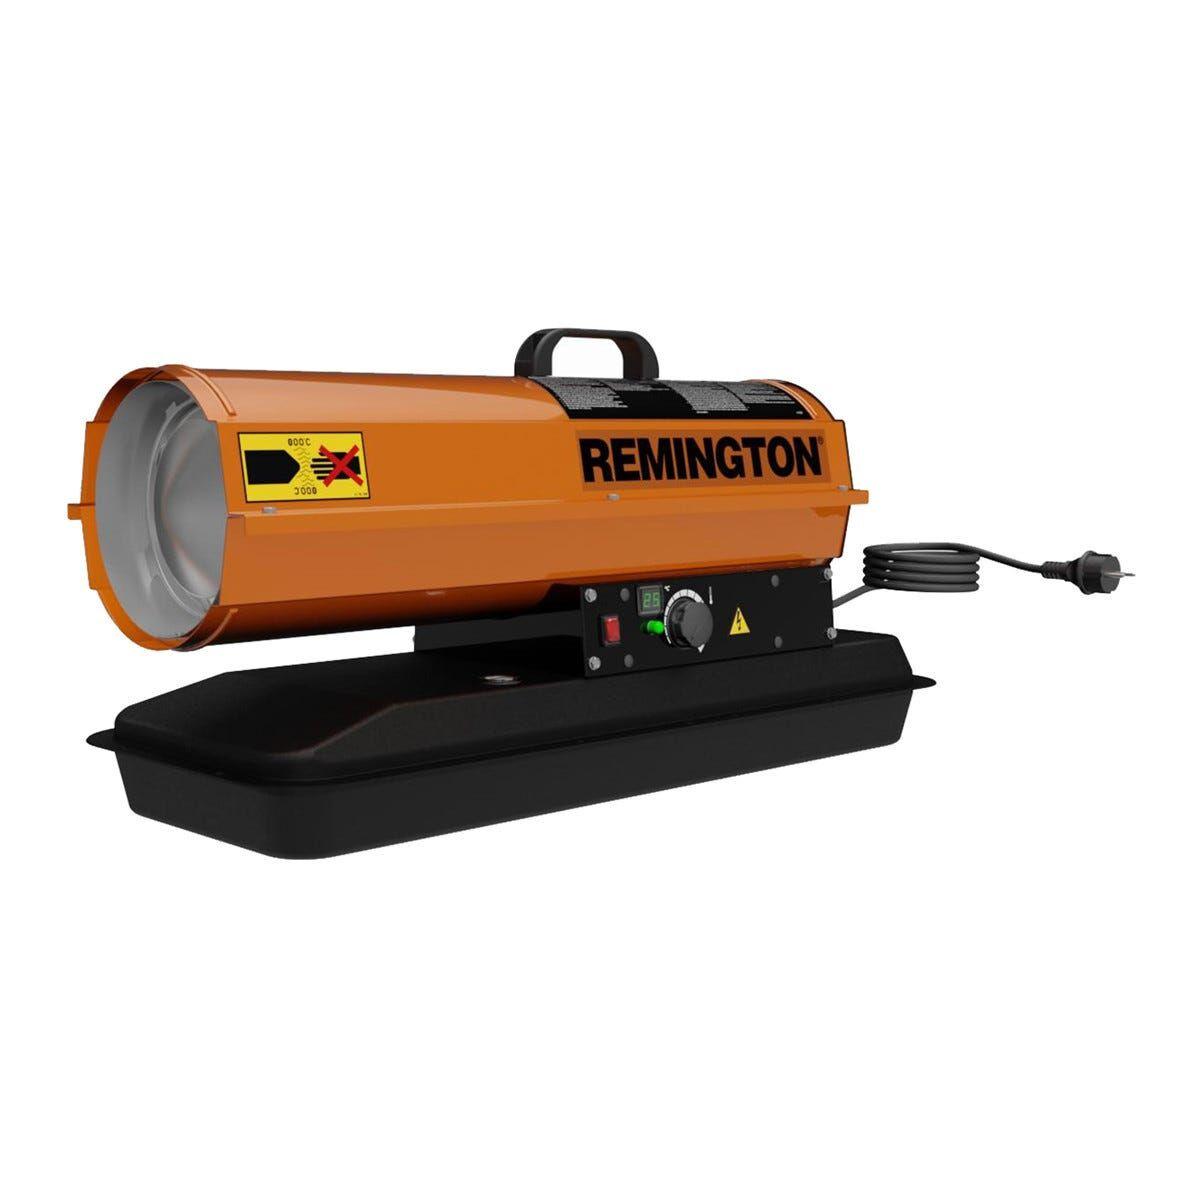 Generatore Di Aria Calda A Gasolio Rem08 Gasolio Diretto 10 Kw